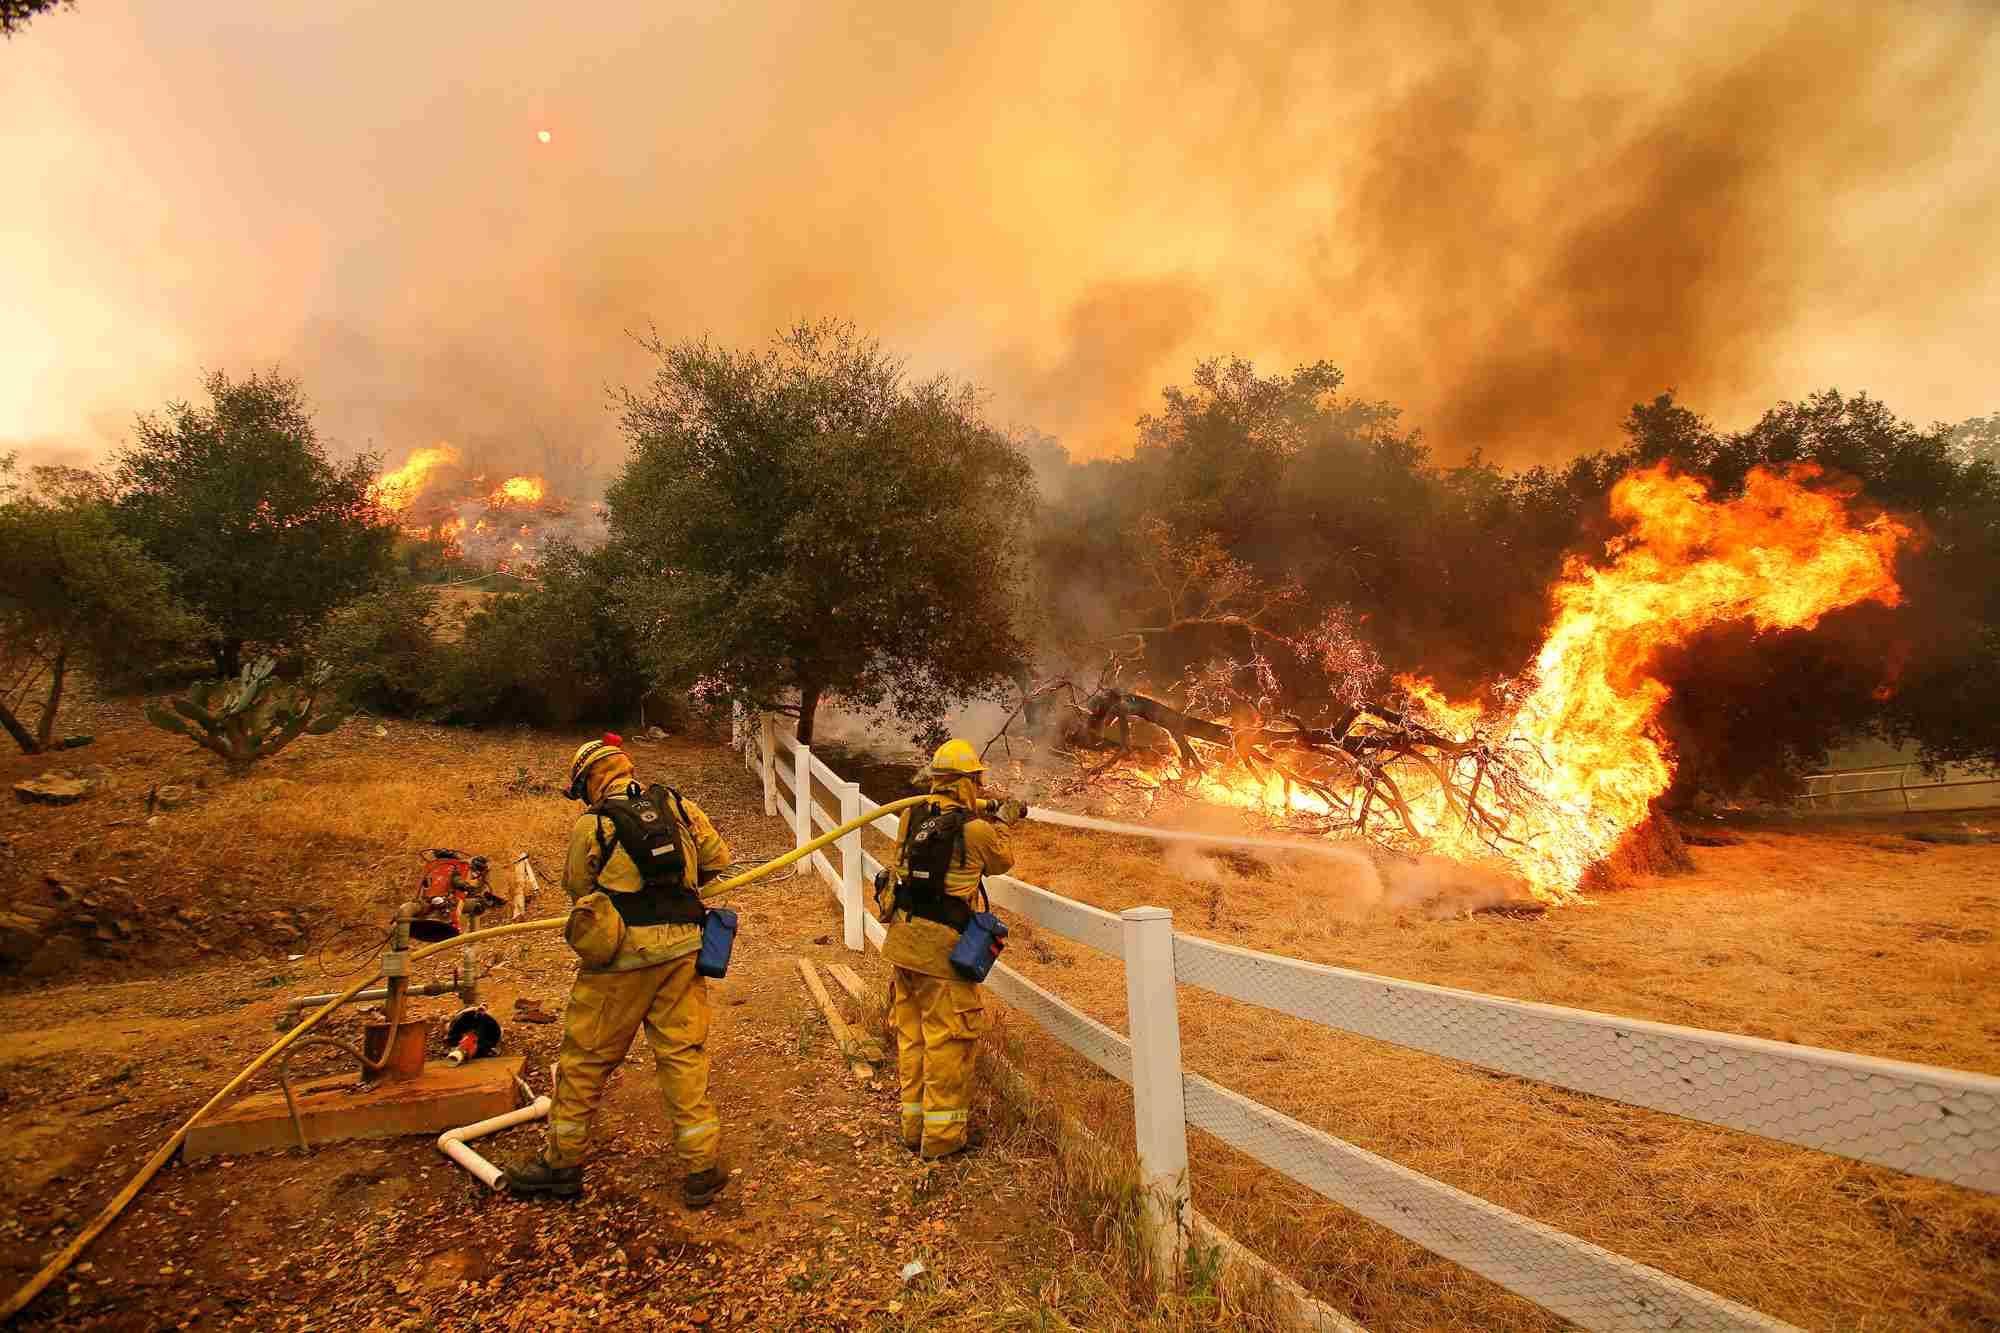 árboles ardiendo en un incendio forestal